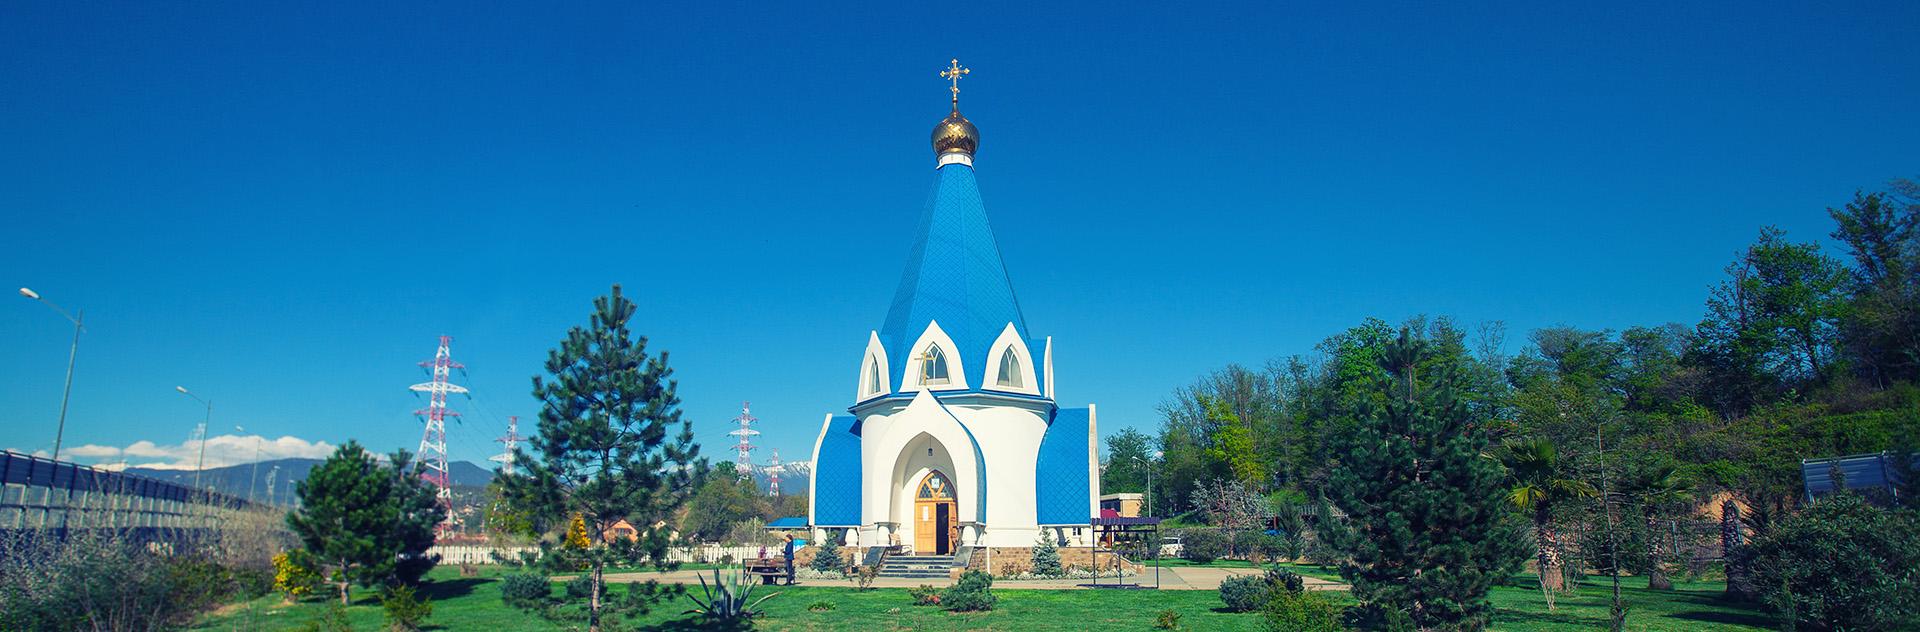 Храм Новомучеников и исповедников Церкви Русской г. Сочи с. Верхневеселое